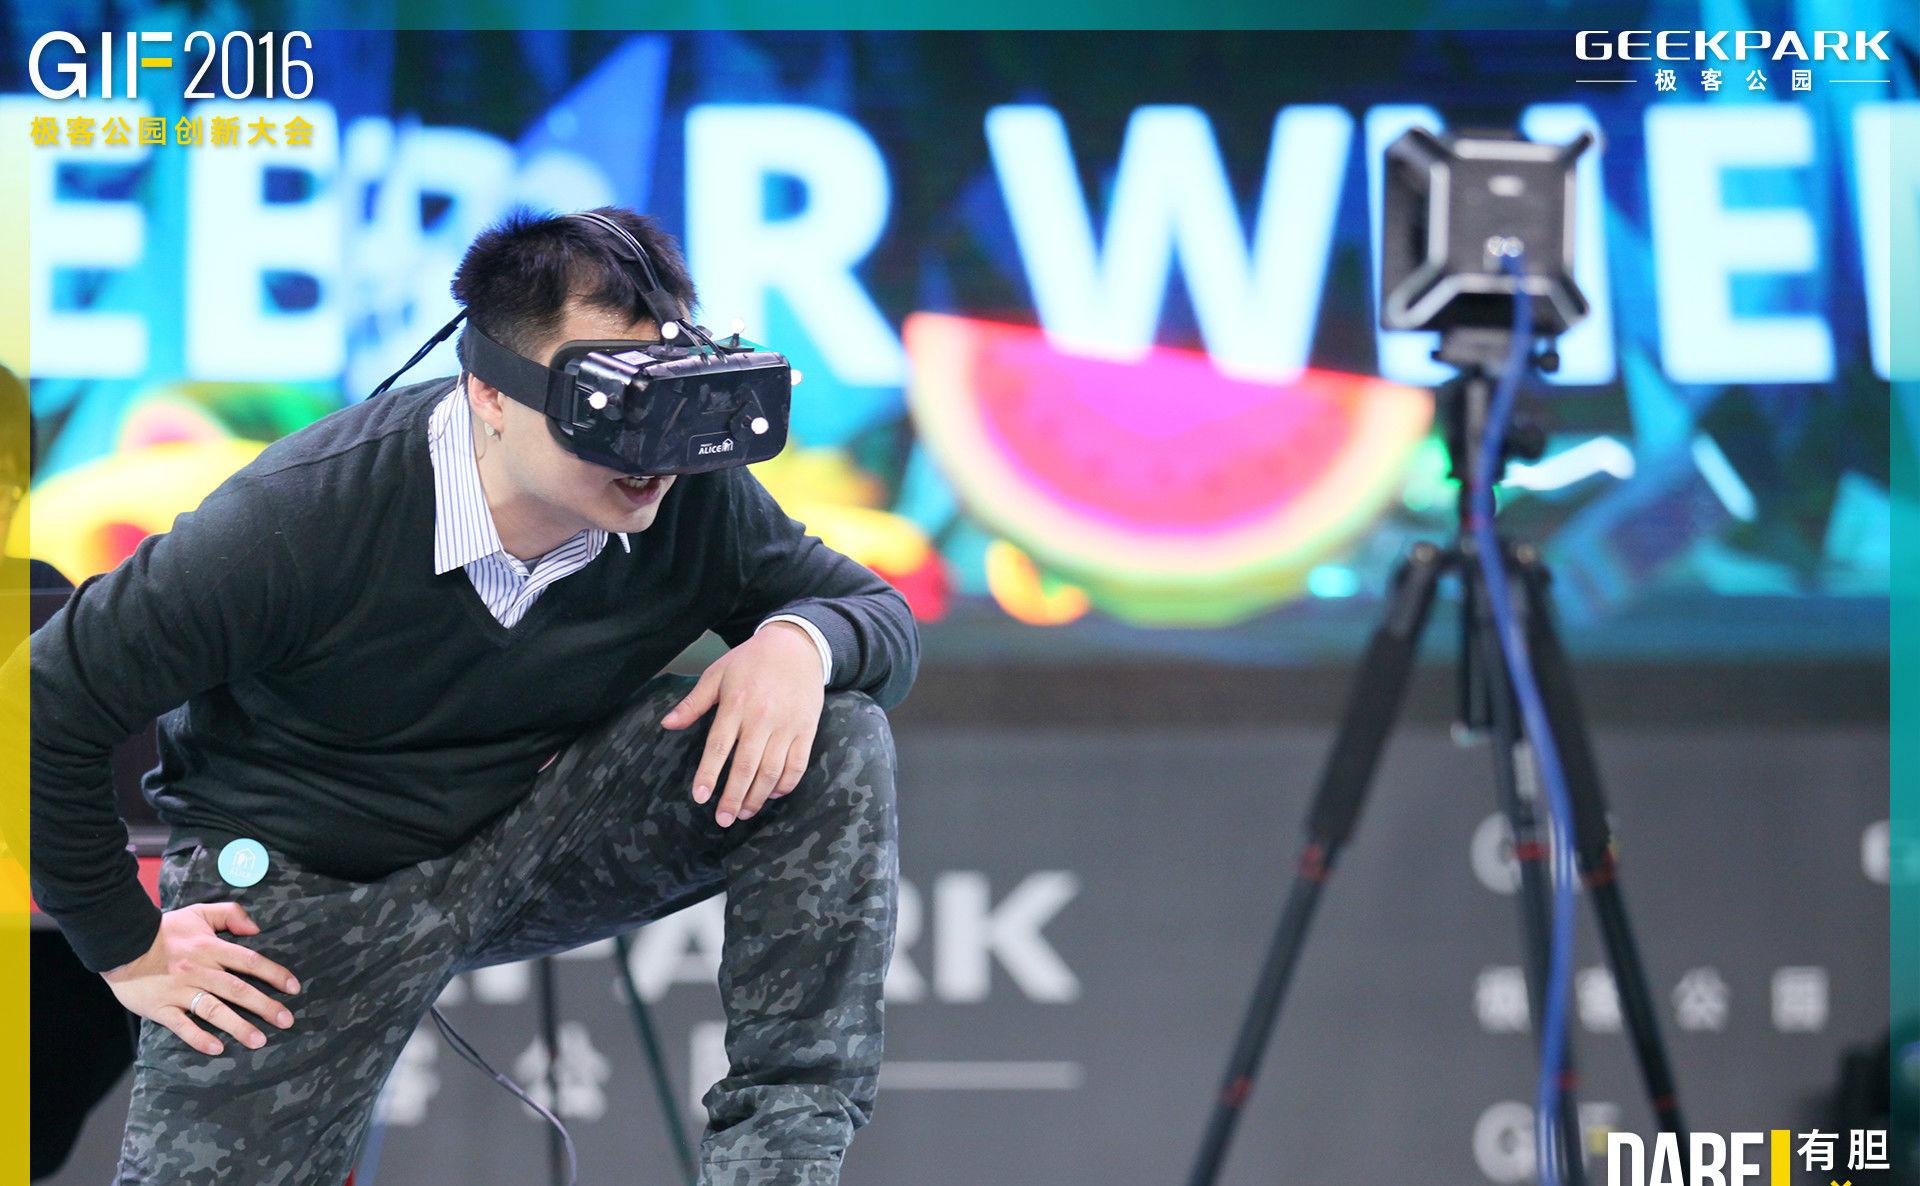 不止是炫技,诺亦腾想让VR成为继网吧、电影院后的新娱乐平台